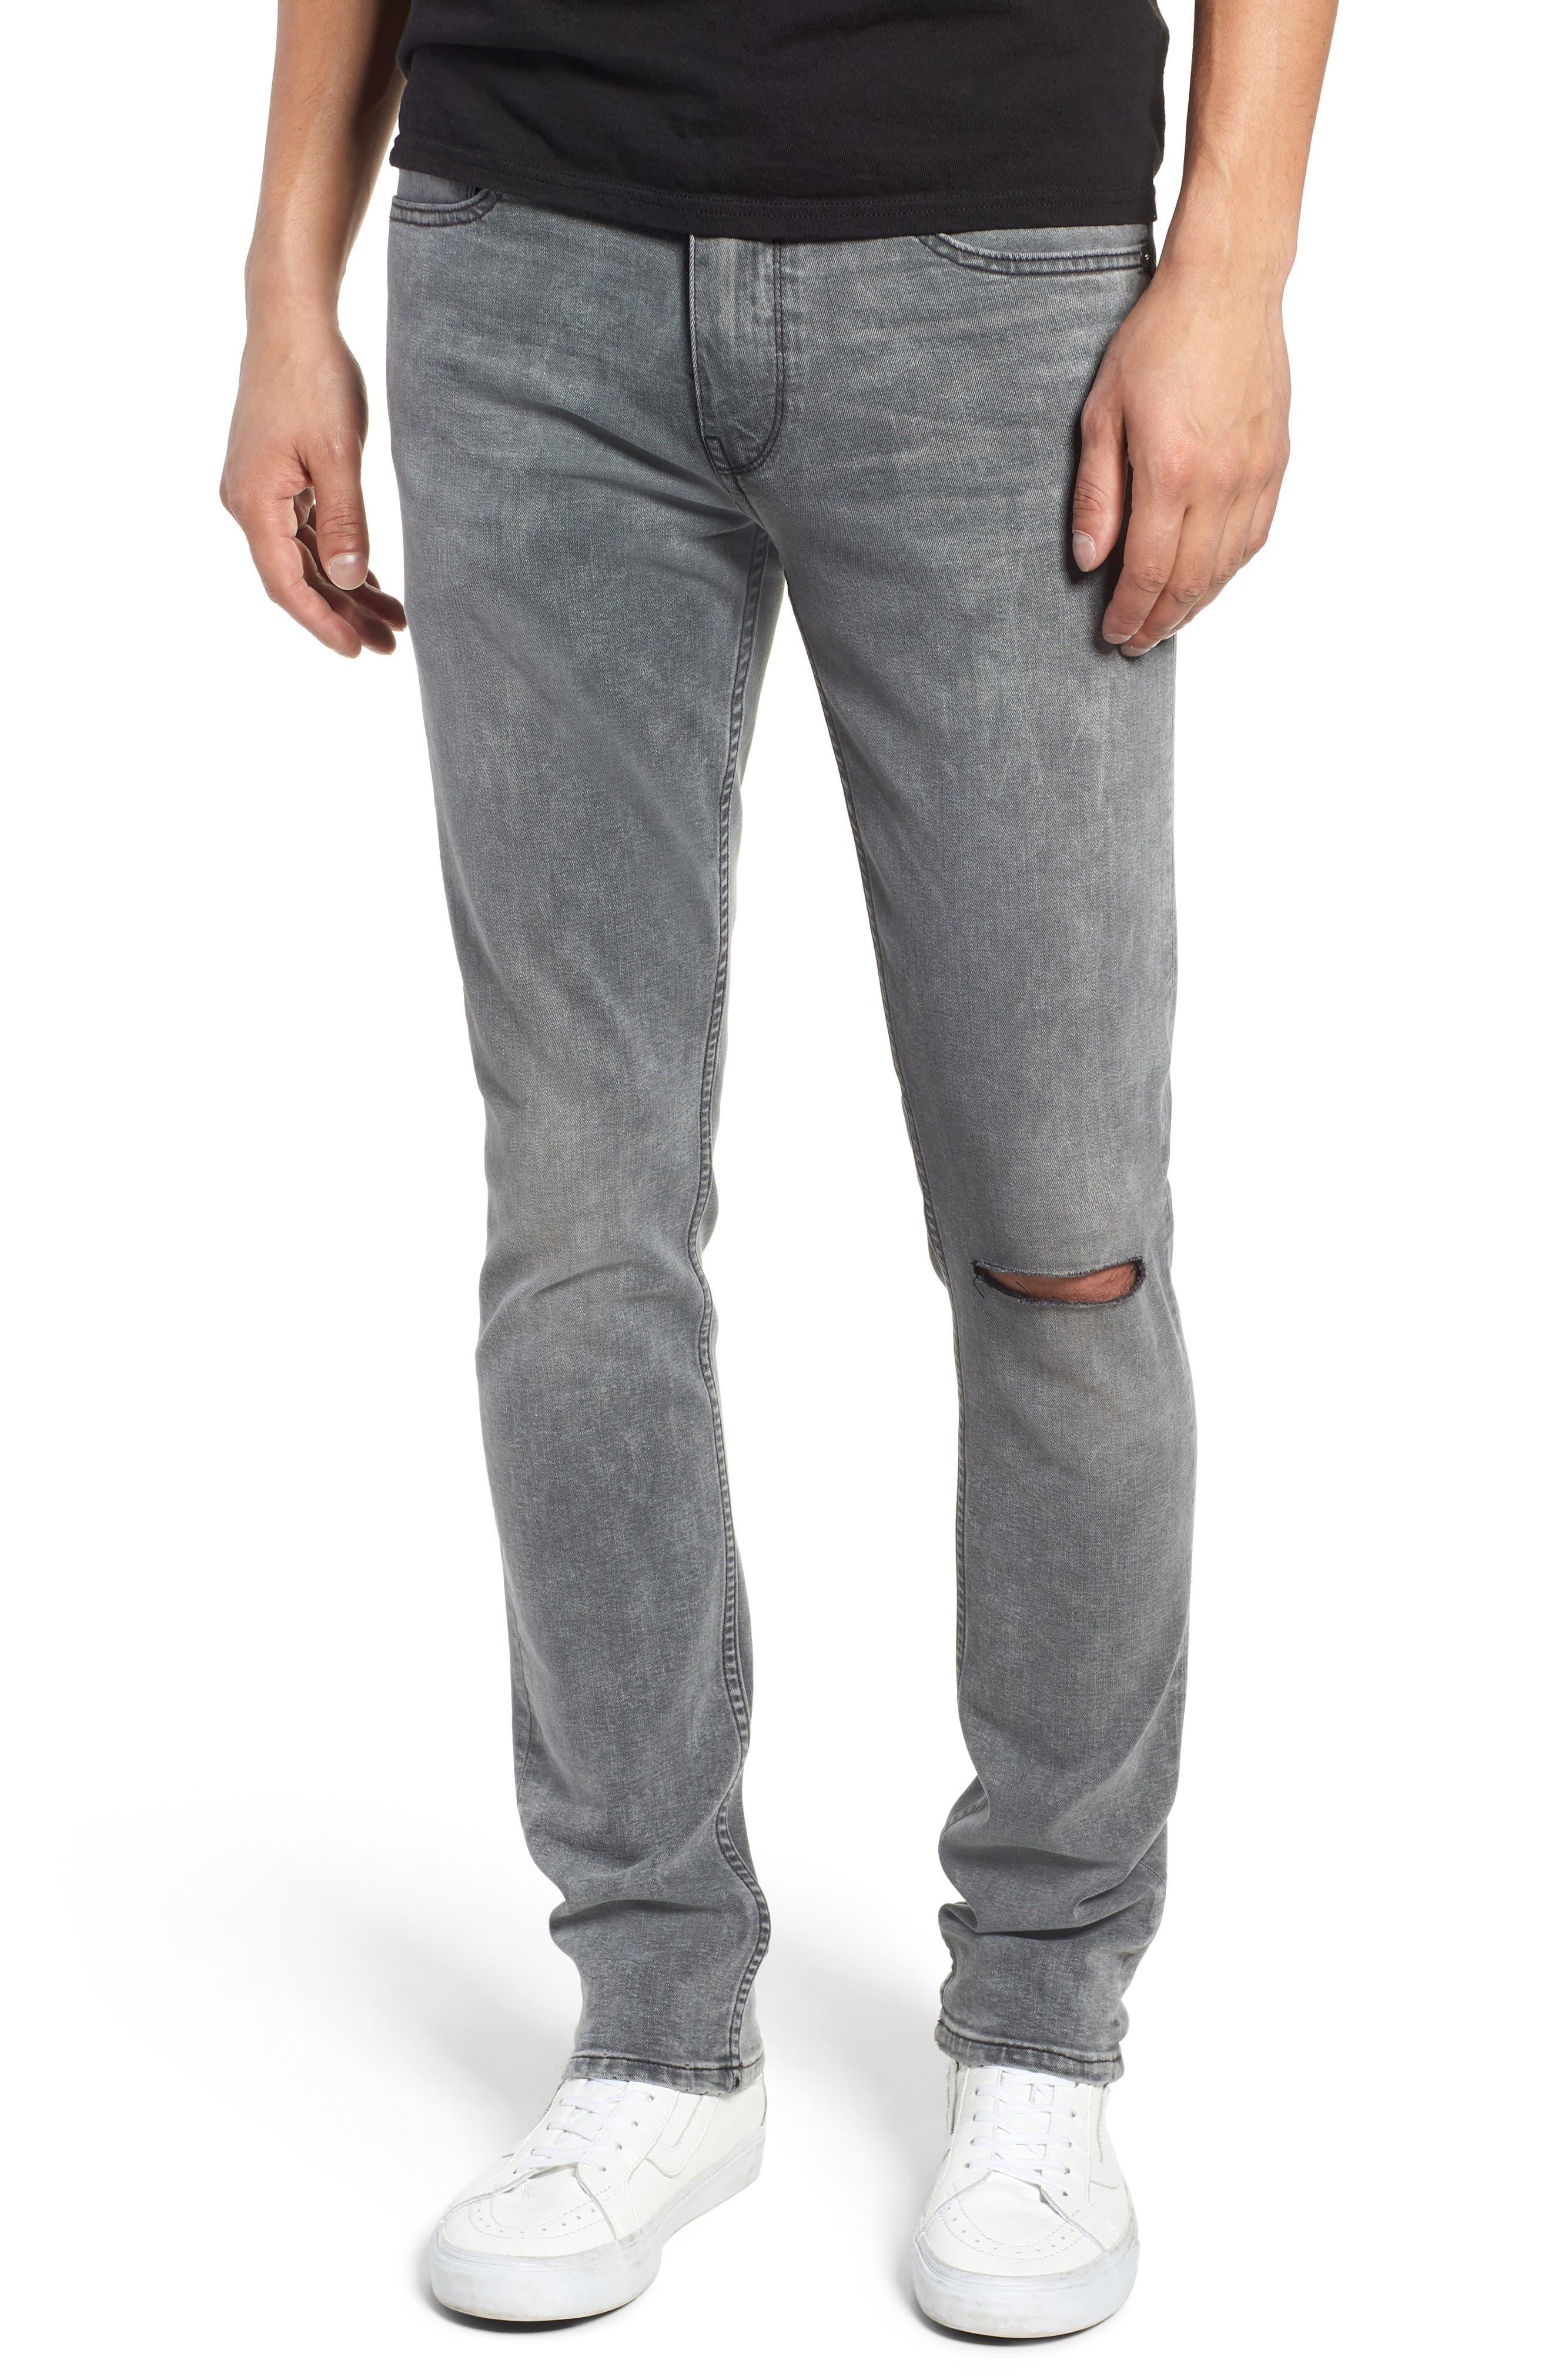 Lennox Slim Fit Jeans,                             Main thumbnail 1, color,                             020